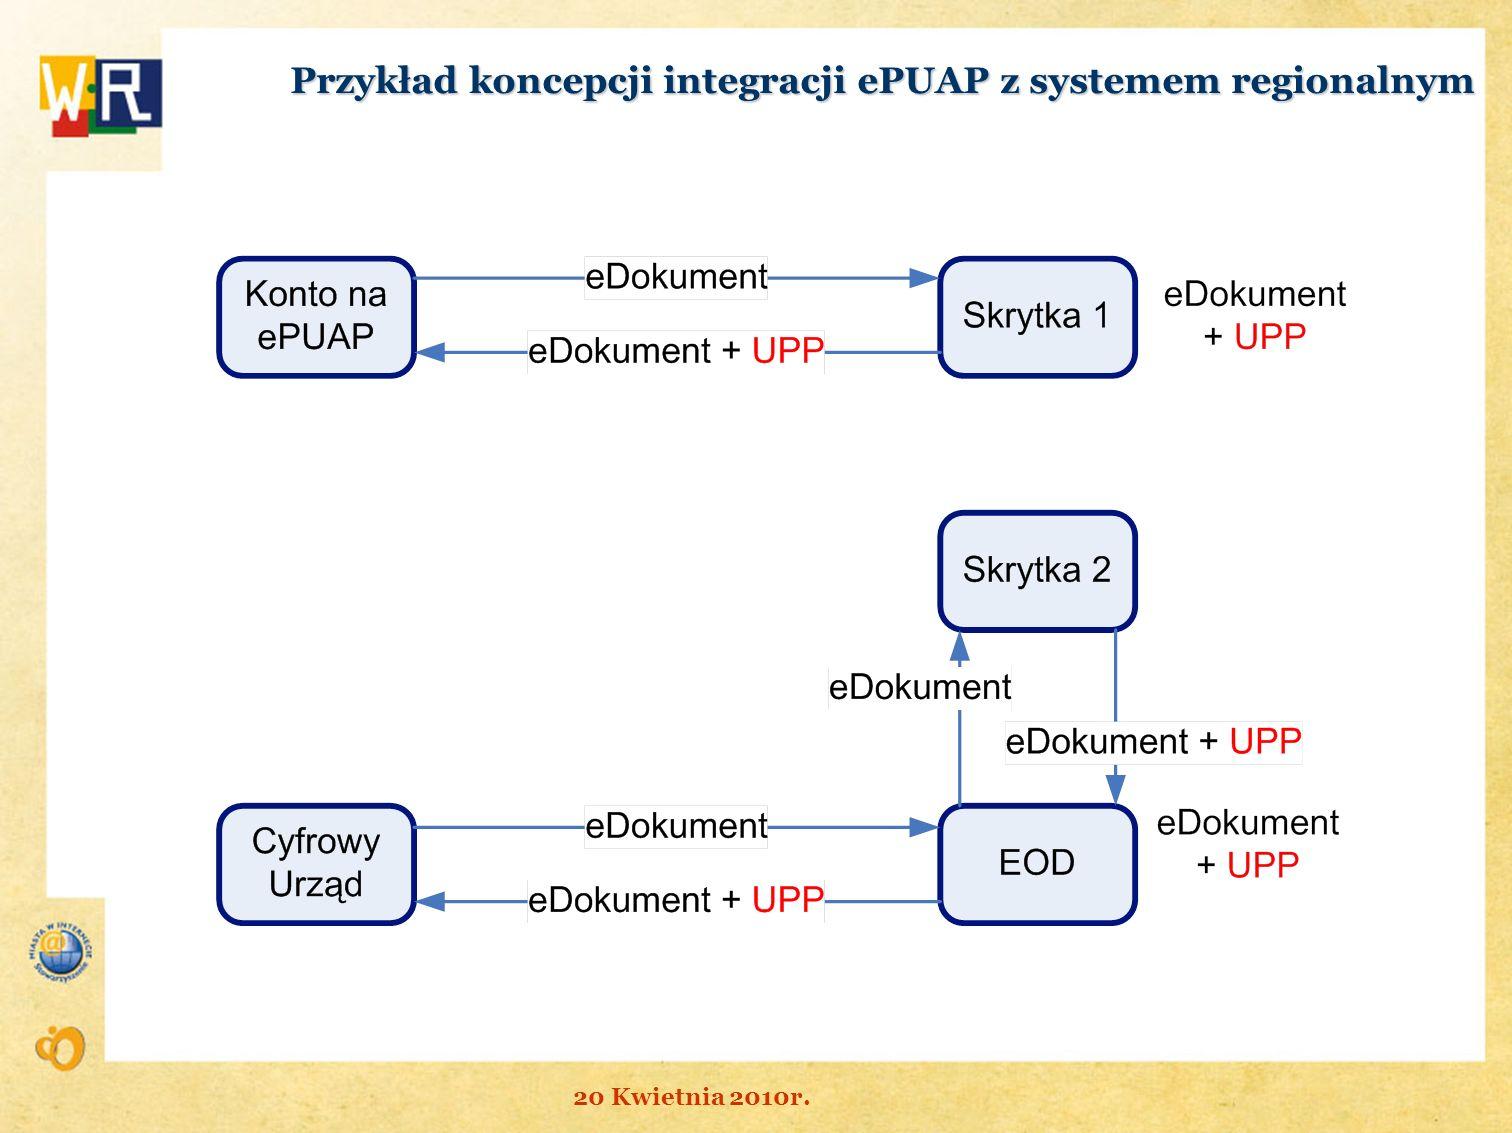 Przykład koncepcji integracji ePUAP z systemem regionalnym